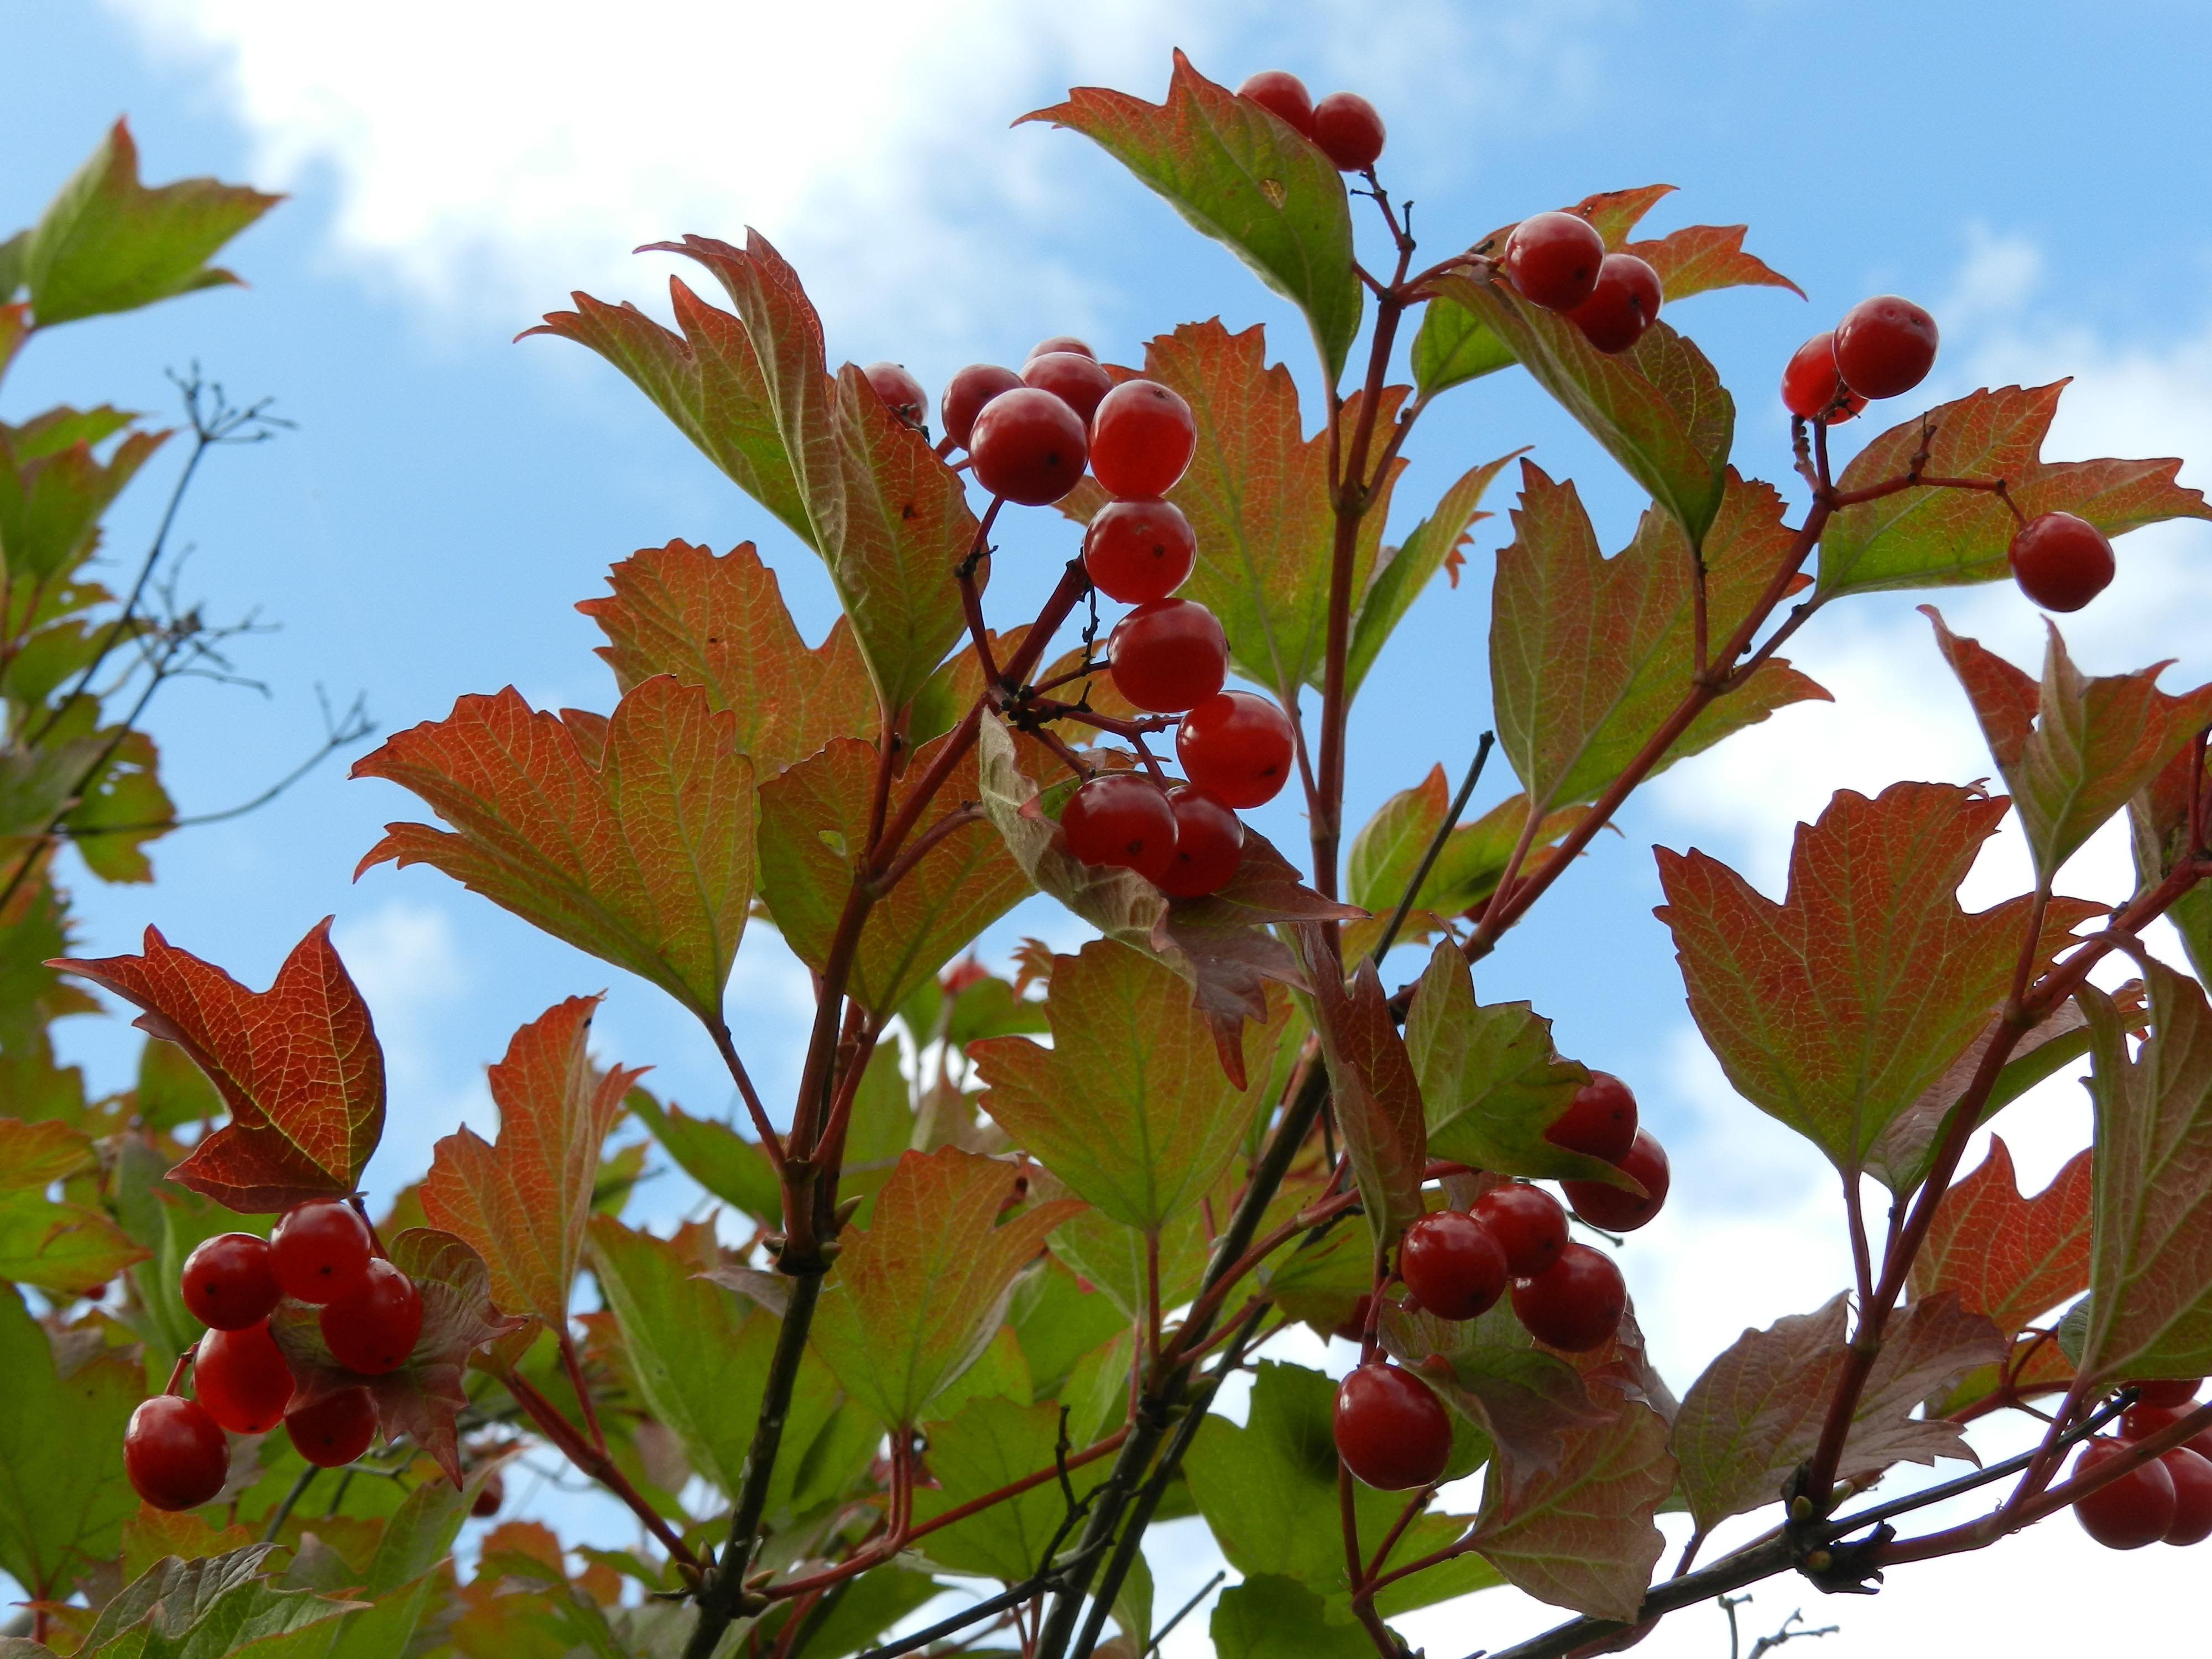 ягоды и листья калины на фоне неба